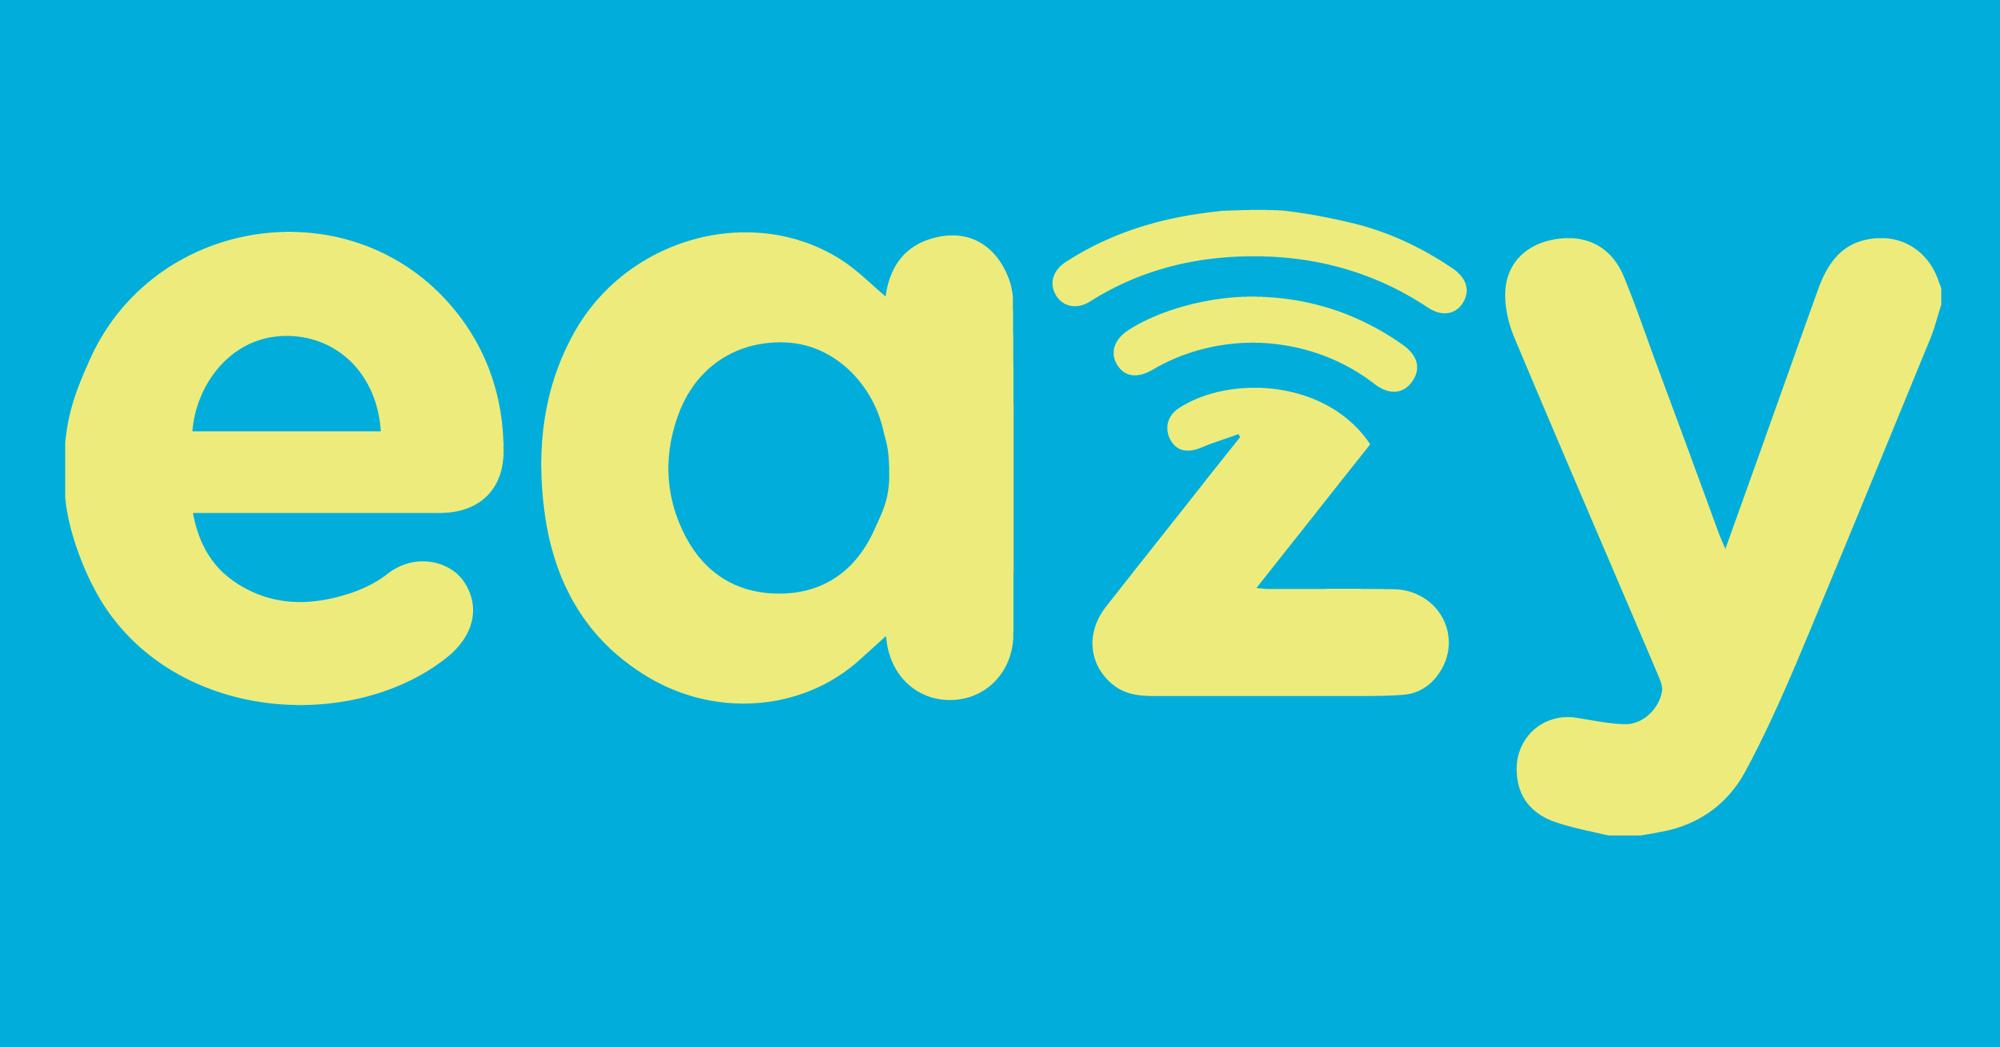 [KWK/Empfehlungsschreiben Eazy (Unitymedia) Kabel Internet] 30-50€ Amazon Gutschein pro geworbenen Kunde, mehrfach möglich!